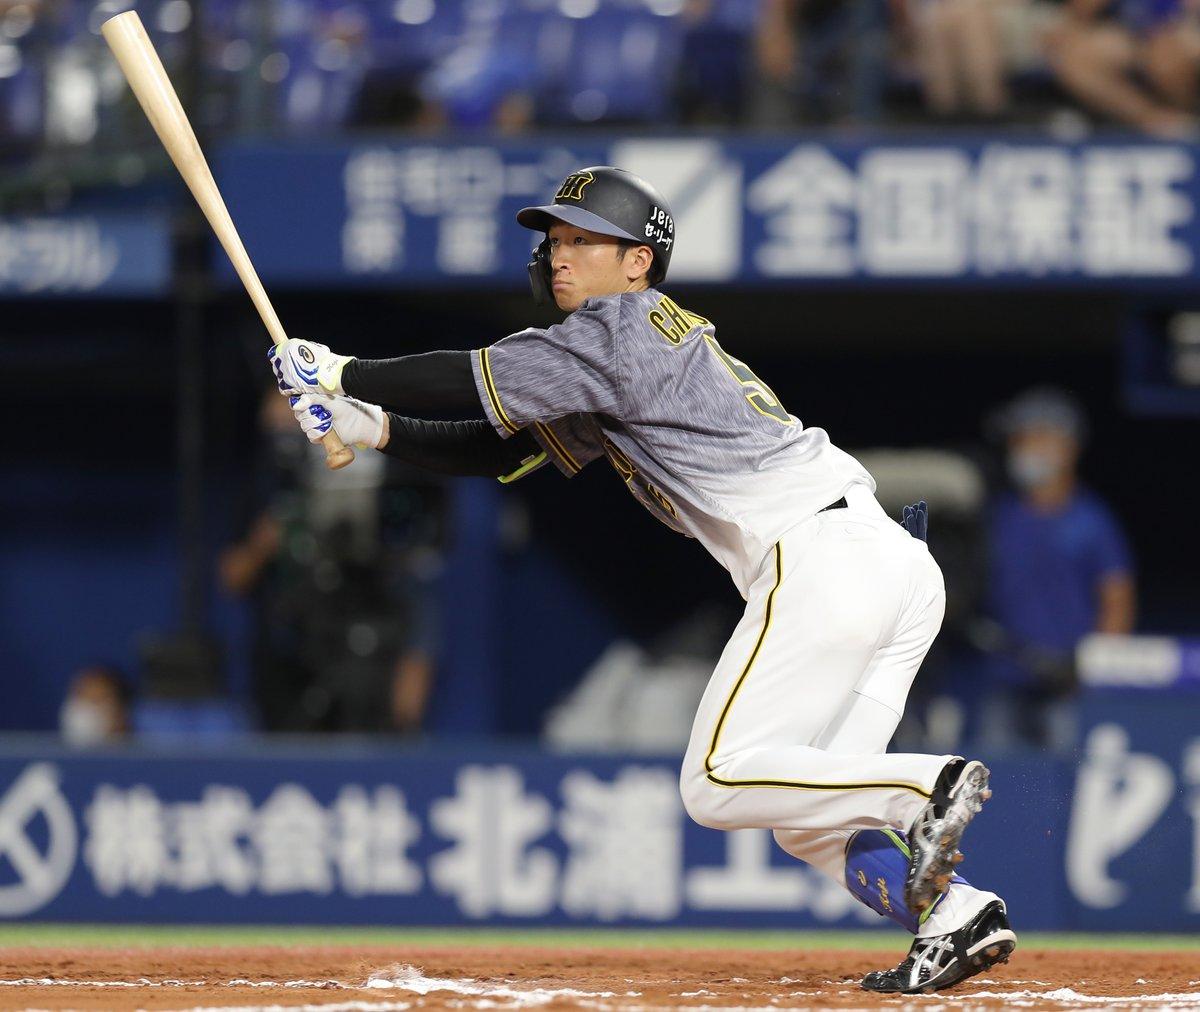 #阪神 は悔しい敗戦でしたが、いい場面も多かったです #近本 選手は6回に左前打で9戦連続安打 #サンズ #大山 選手は6回に連続適時打です #高山 選手は7回に二塁打も放ちました #tigers #明日は勝つ